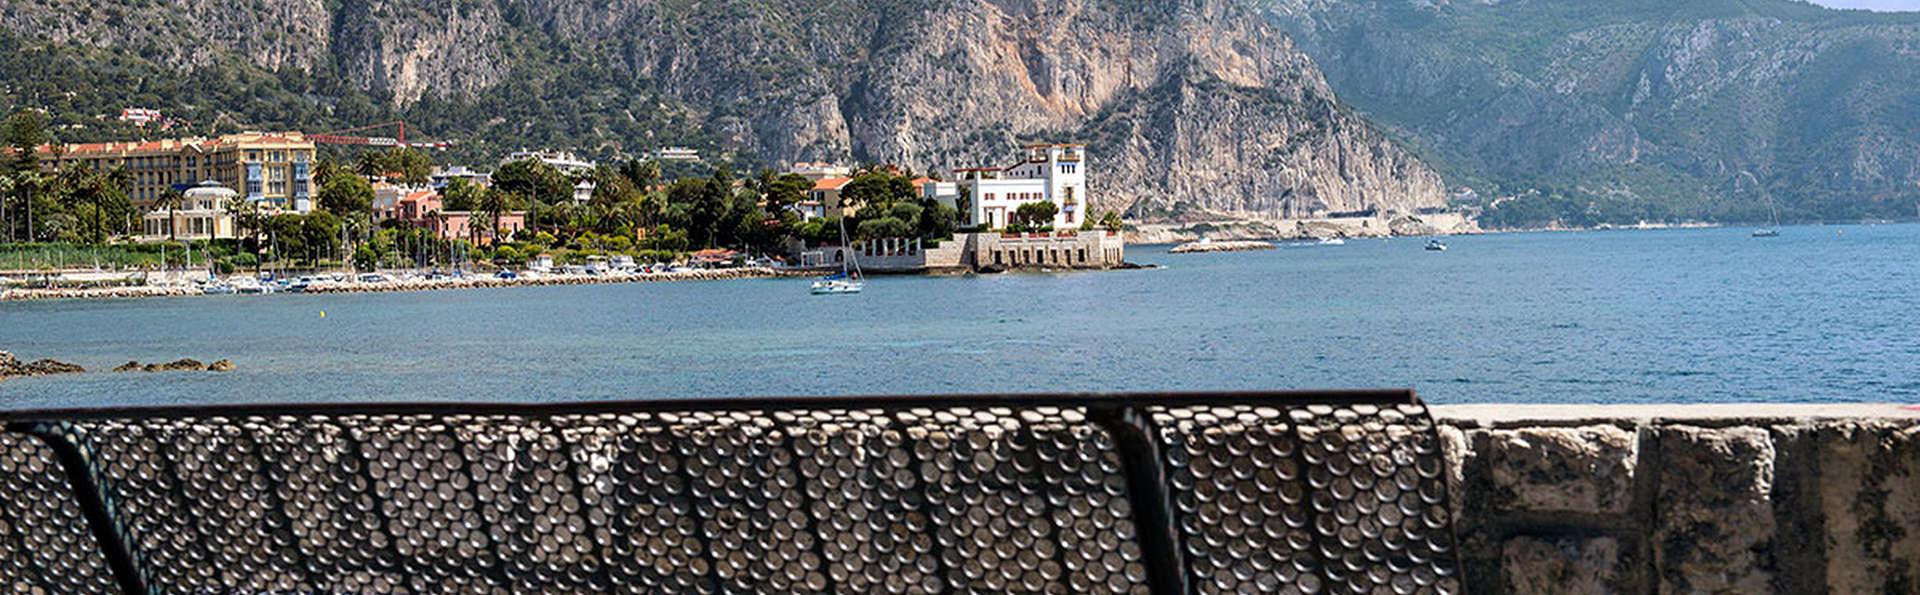 Hôtel Vacances Bleues Delcloy - edit_Destination.jpg